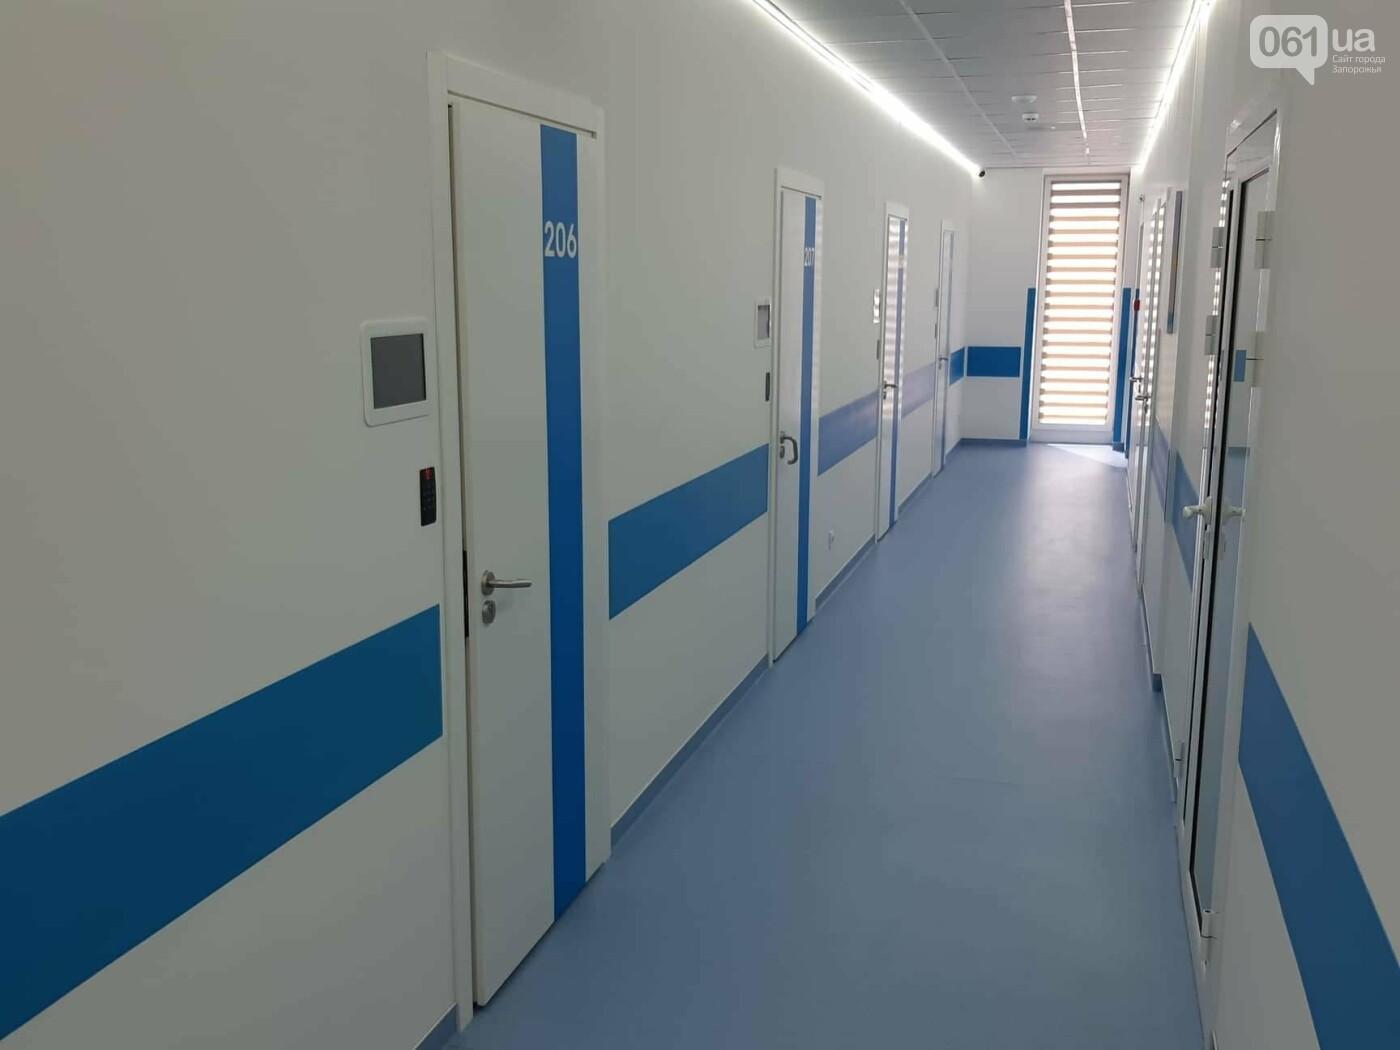 В Запорожье на месте заброшенного долгостроя построили частную клинику: как она выглядит и что будет внутри, - ФОТОРЕПОРТАЖ, фото-6